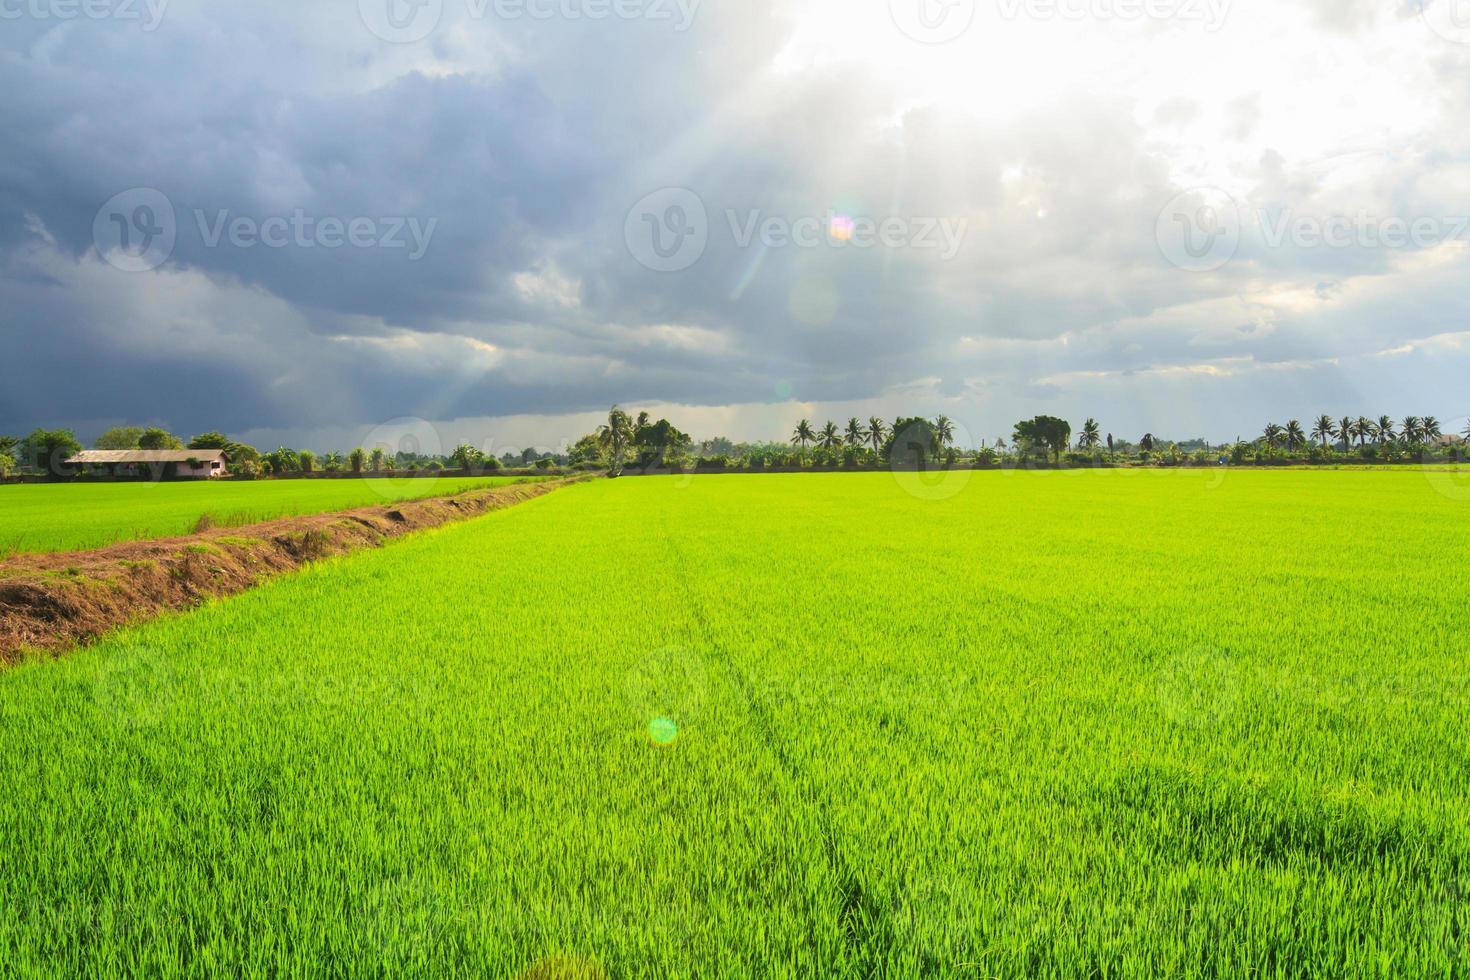 landschap van groen veld met zonnestralen en lens flare foto